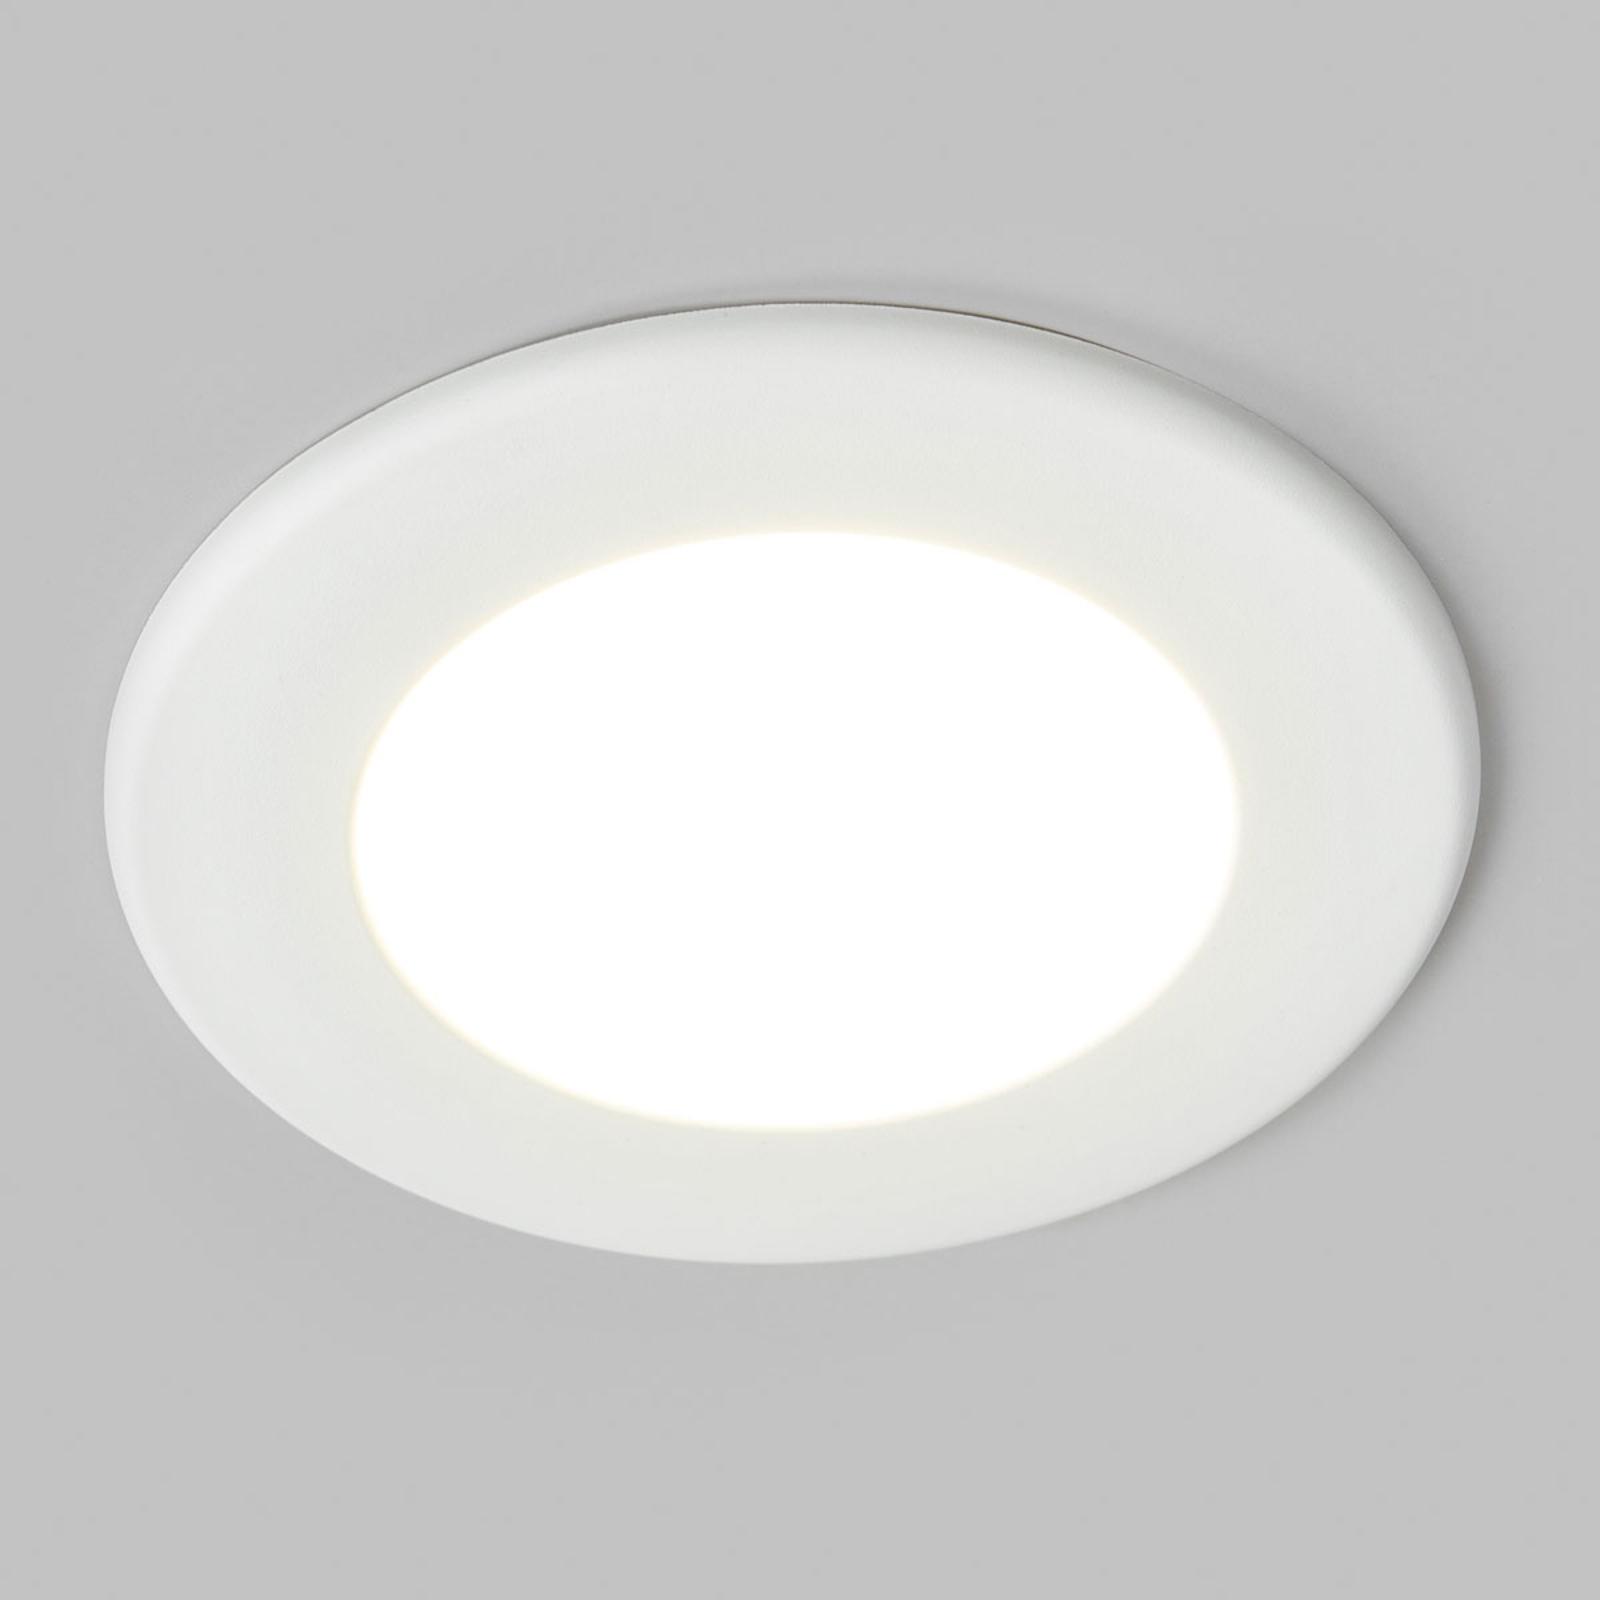 Spot LED Joki biały 4000K okrągły 11,5cm